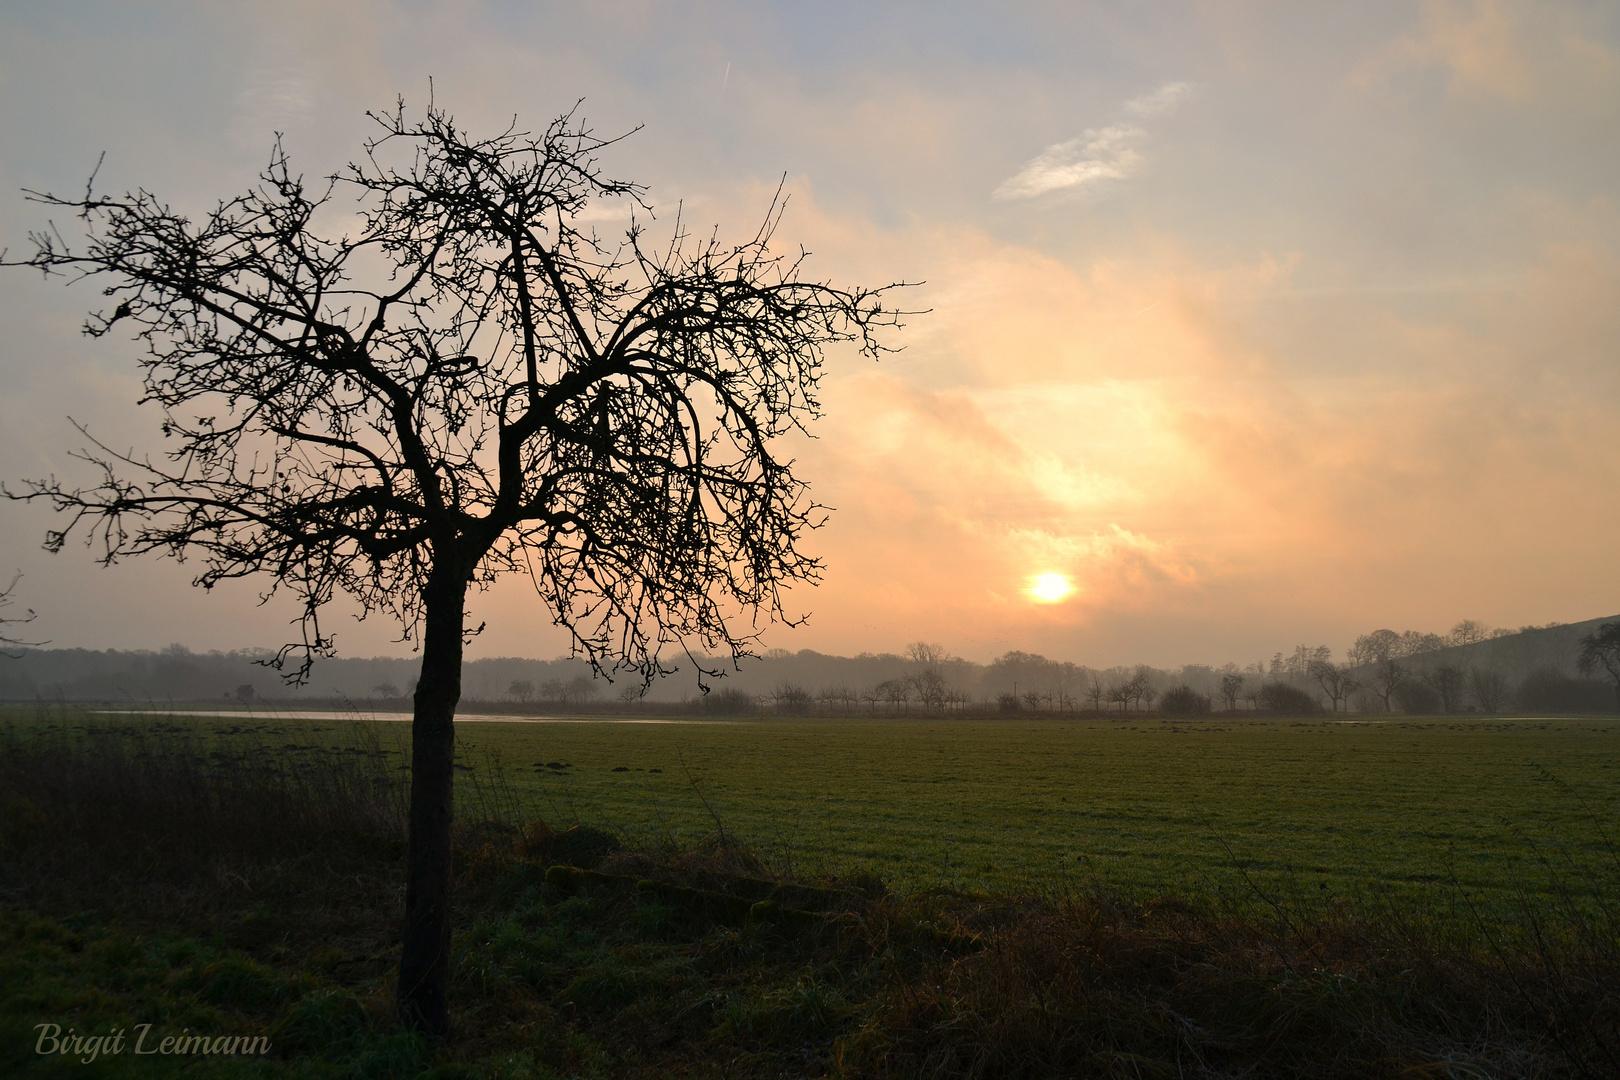 Sonnenaufgang in den Rieselfeldern bei Münster